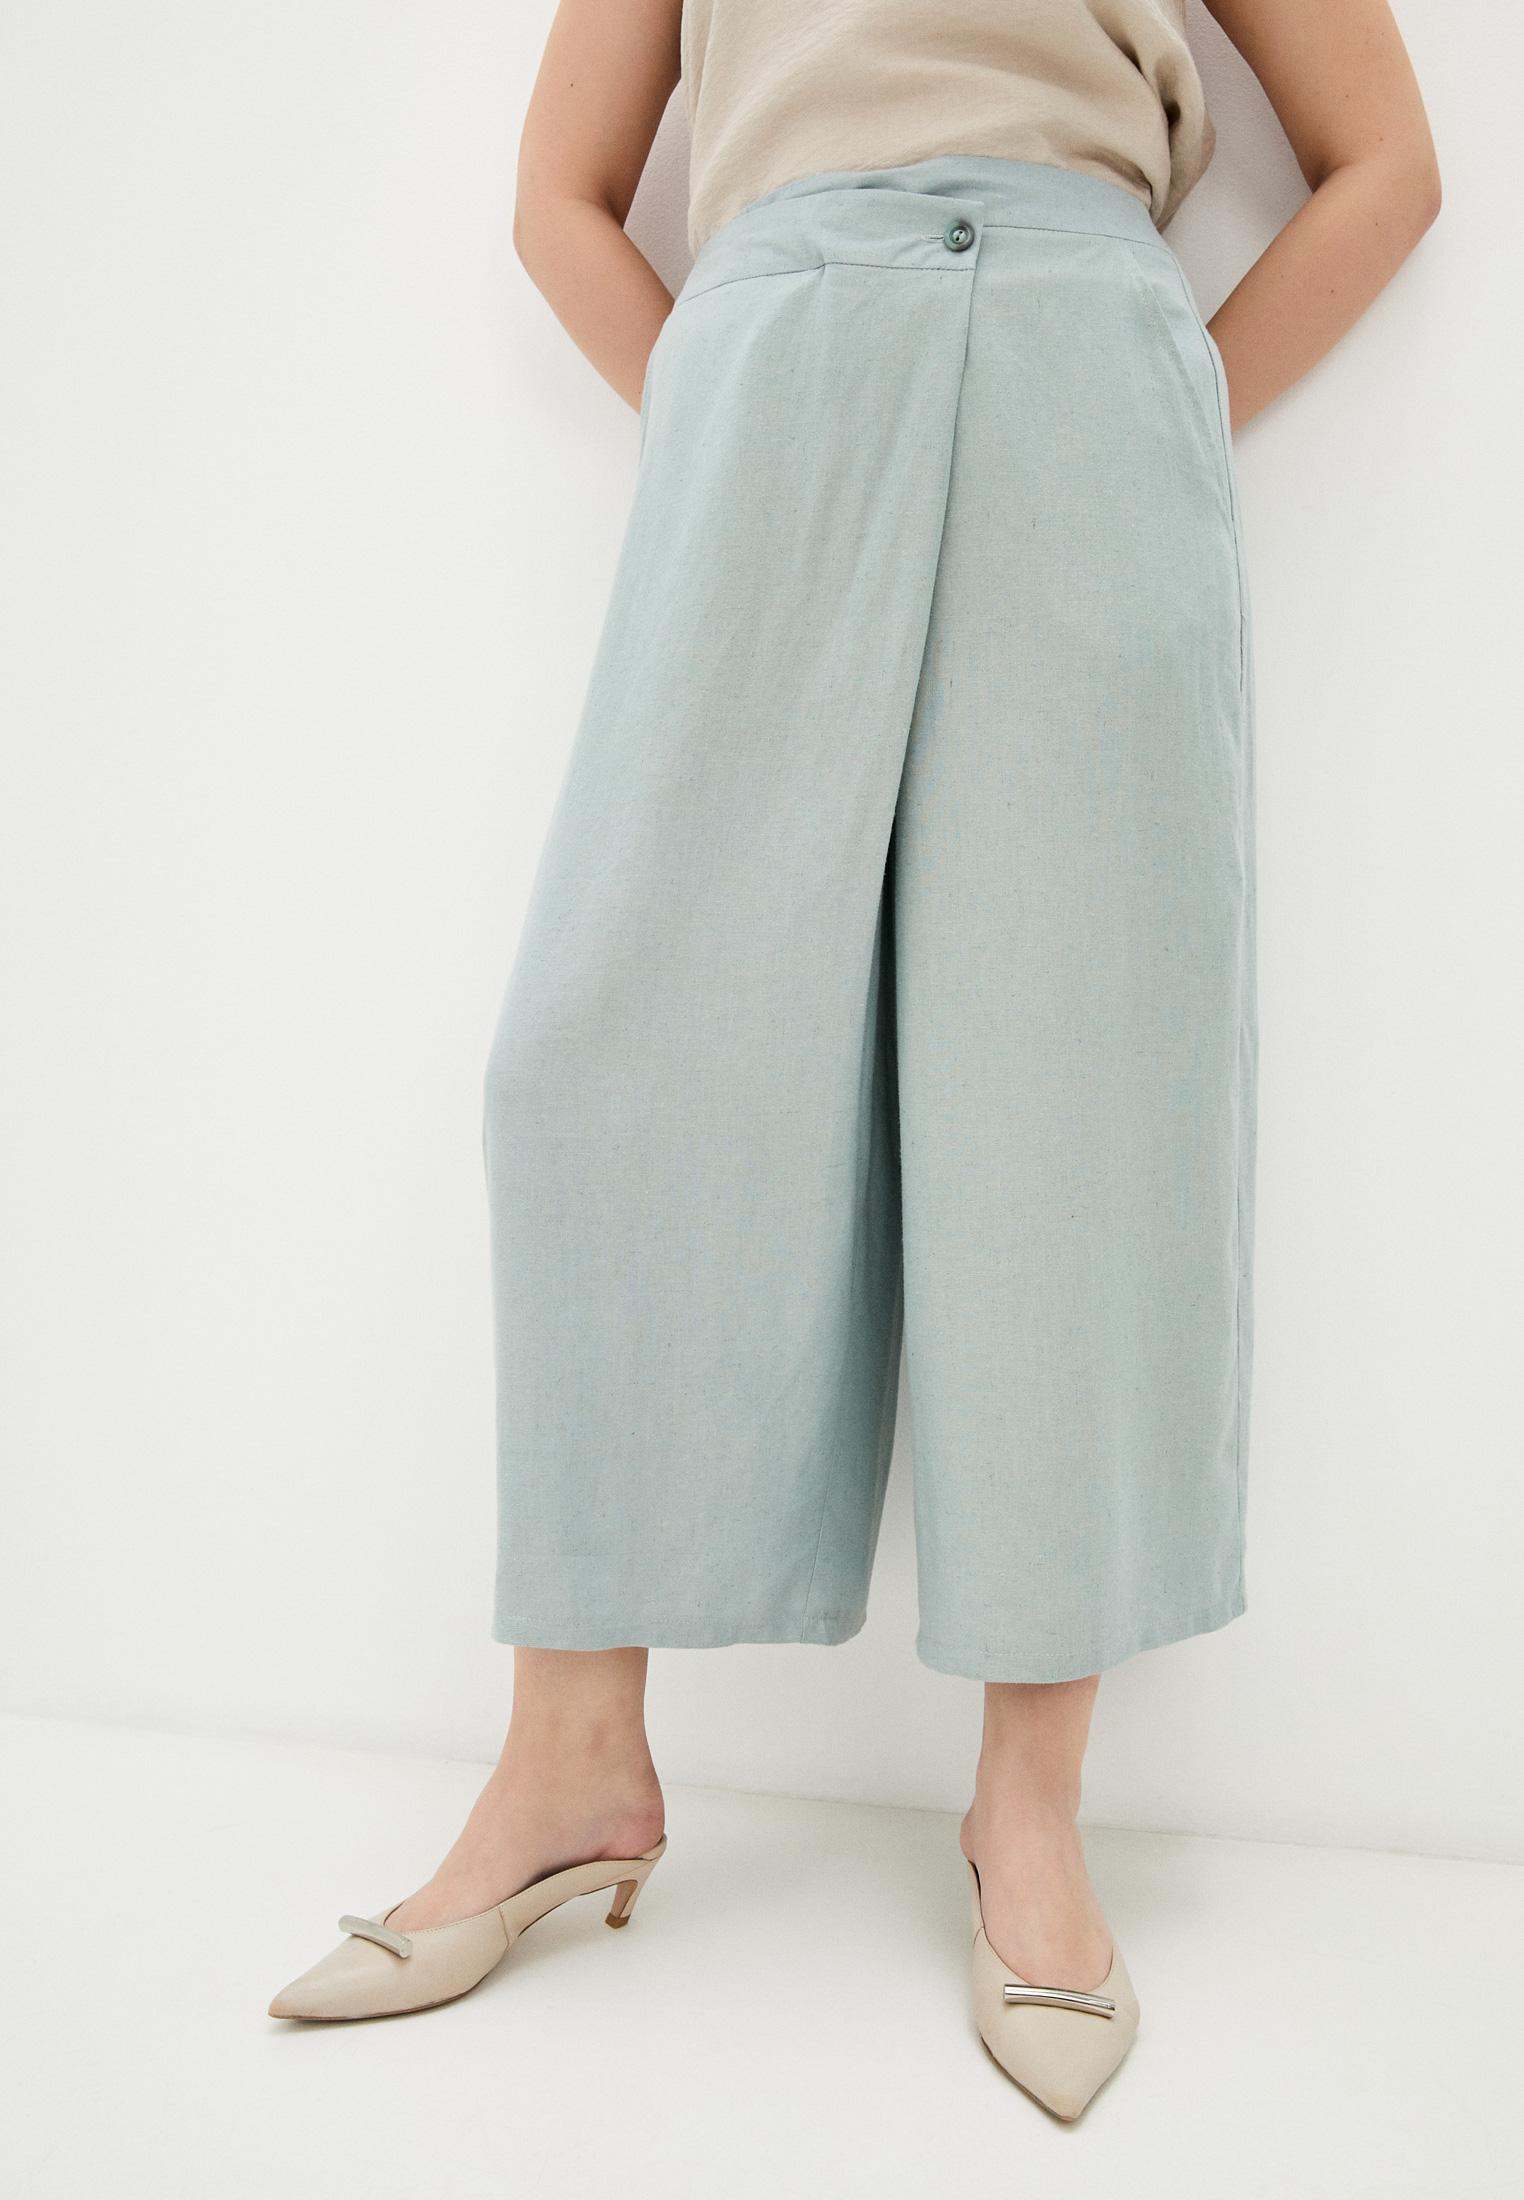 Женские широкие и расклешенные брюки Nataliy Beate Юбка-брюки Nataliy Beate